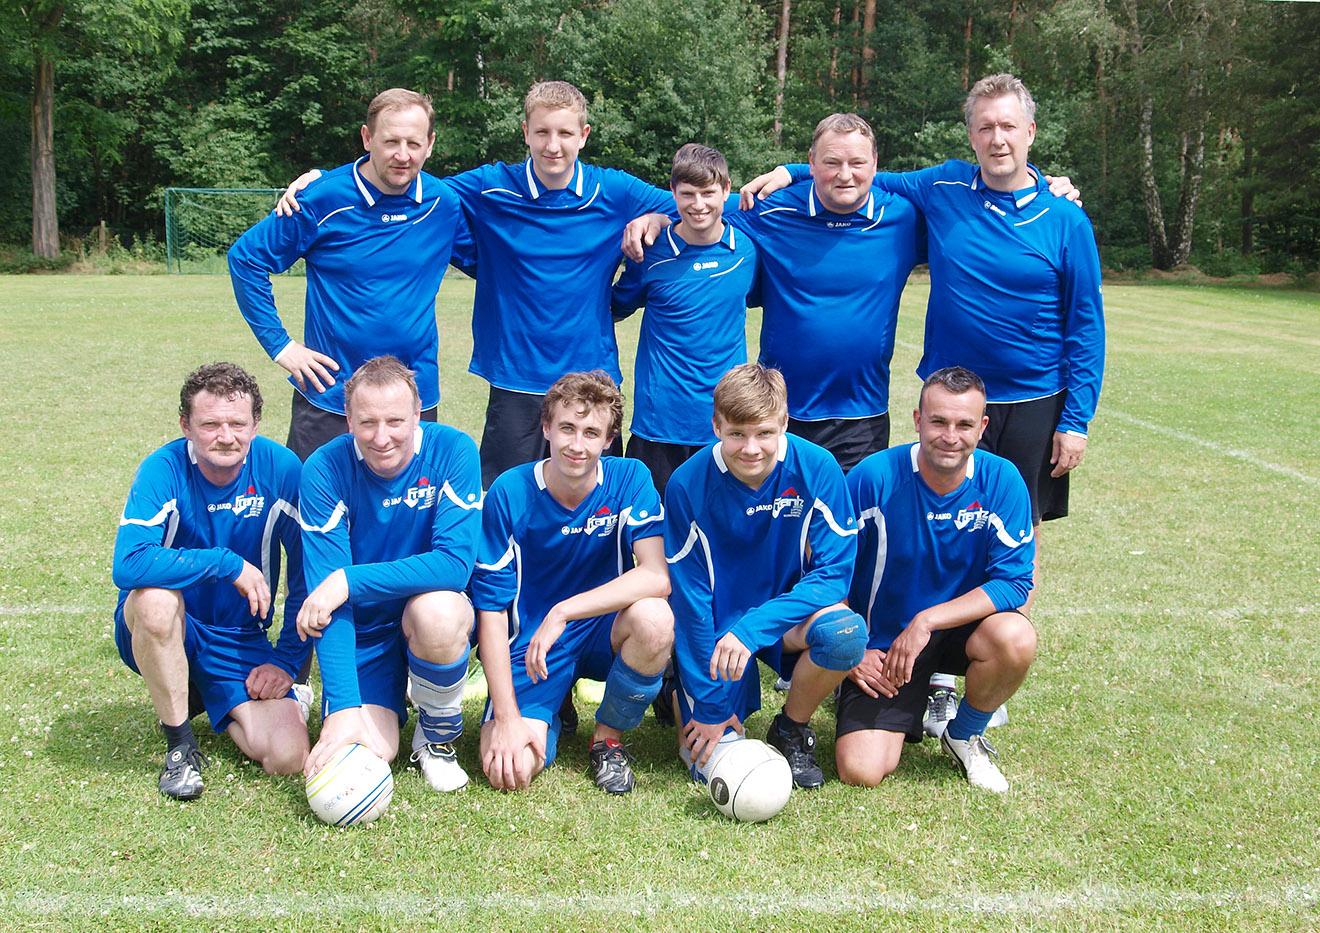 Saisonauftakt der Bezirksliga Nord/Ost Faustball